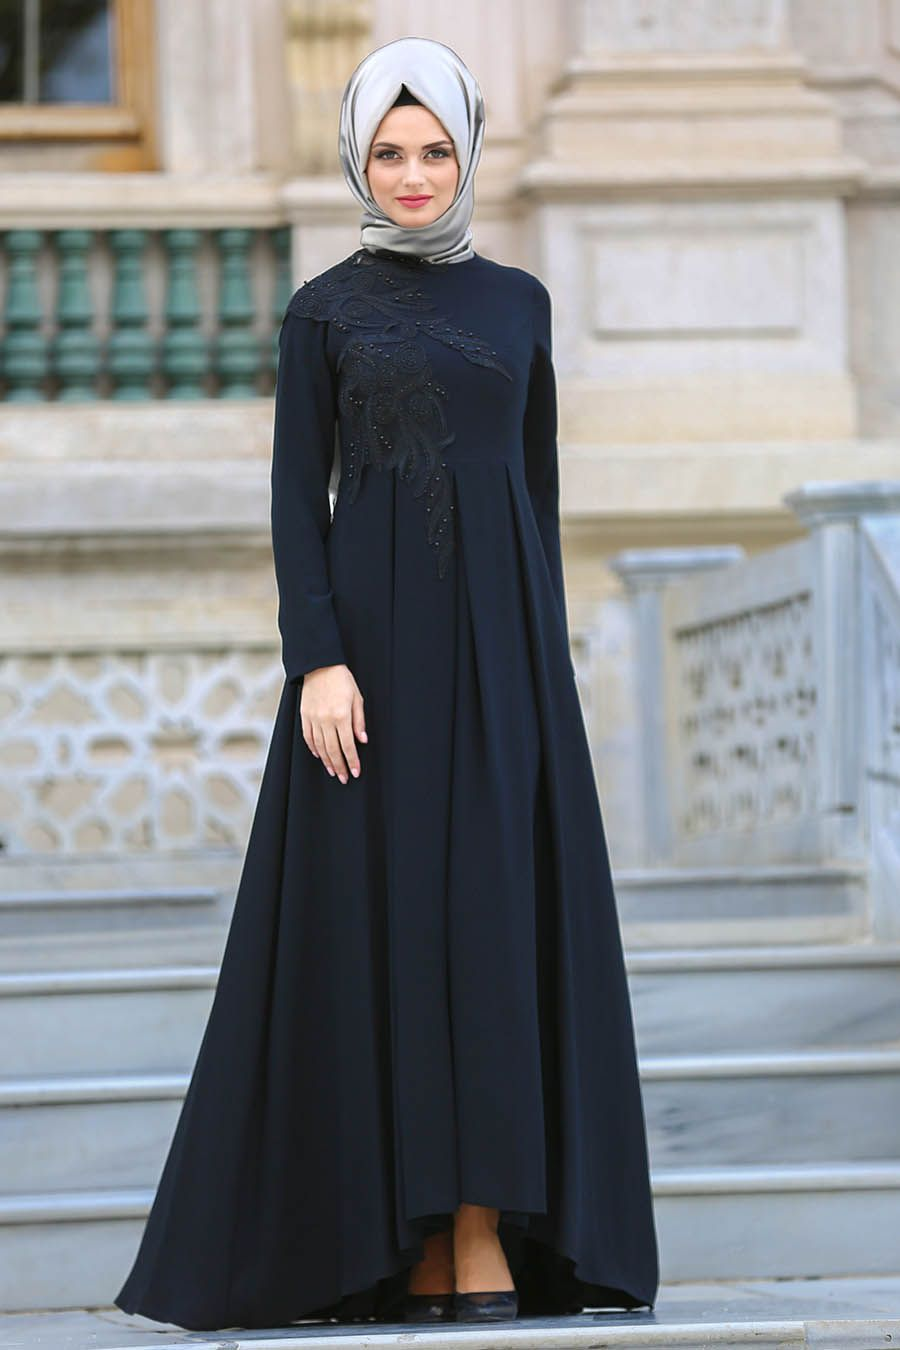 2018 Yeni Sezon Abiye Koleksiyonu Neva Style Pileli Siyah Tesettur Abiye Elbise 3520s Aksamustu Giysileri The Dress Elbise